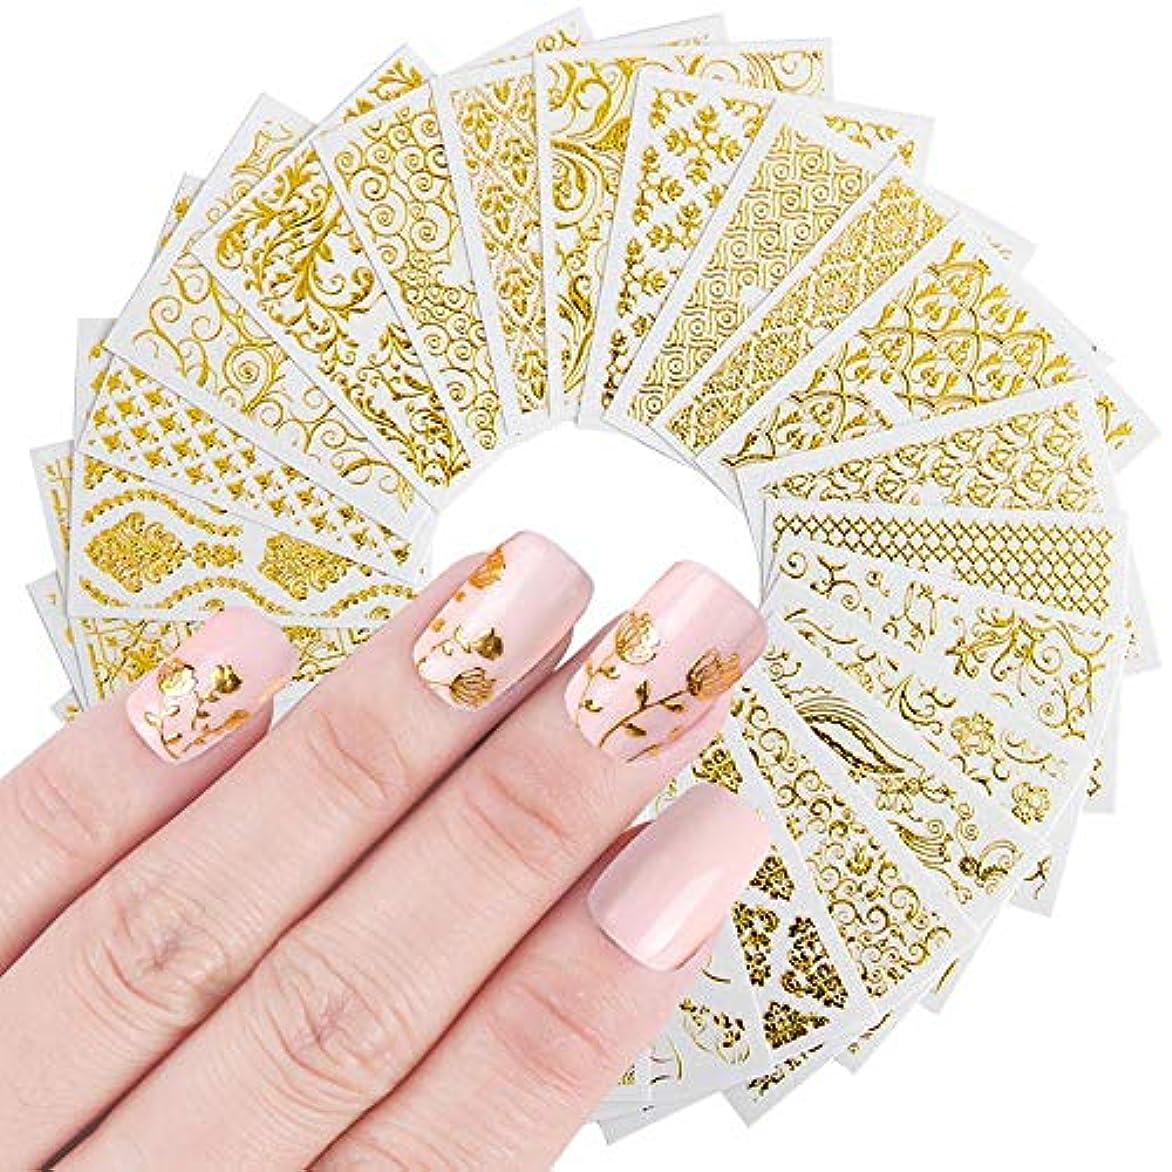 気取らないスナップ蓄積するKingsie ネイルシール 20枚セット ゴールド 貼るだけでいい 3D 金色 ネイルステッカー マニキュア ネイルアート デコレーション レジン